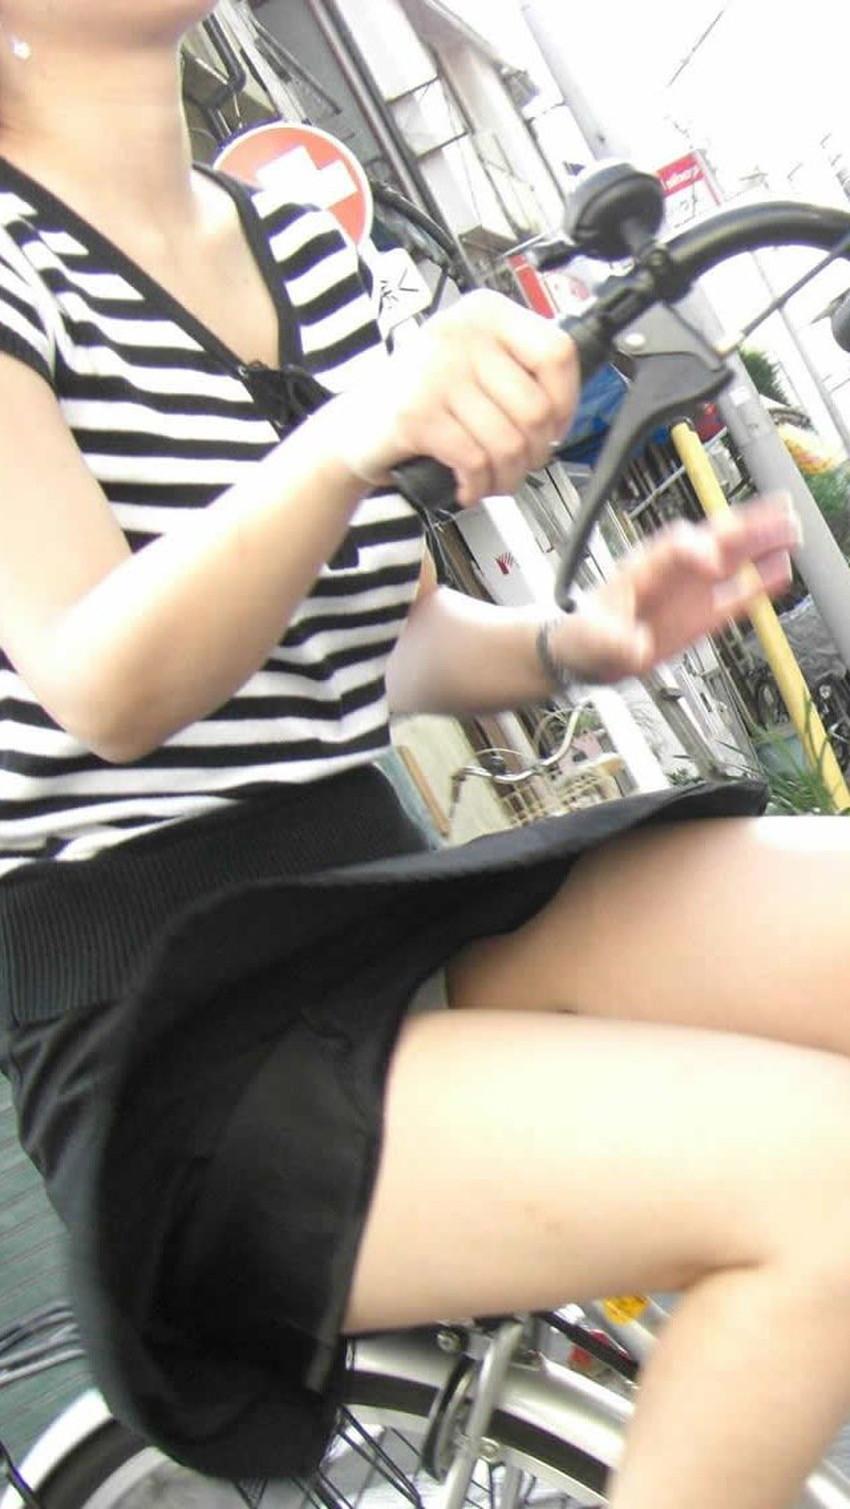 【チャリパンチラエロ画像】ヒラヒラスカートの自転車女子は要注意!走行中や停車中にパンチラした瞬間を盗撮したチャリパンチラのエロ画像集!ww【80枚】 75